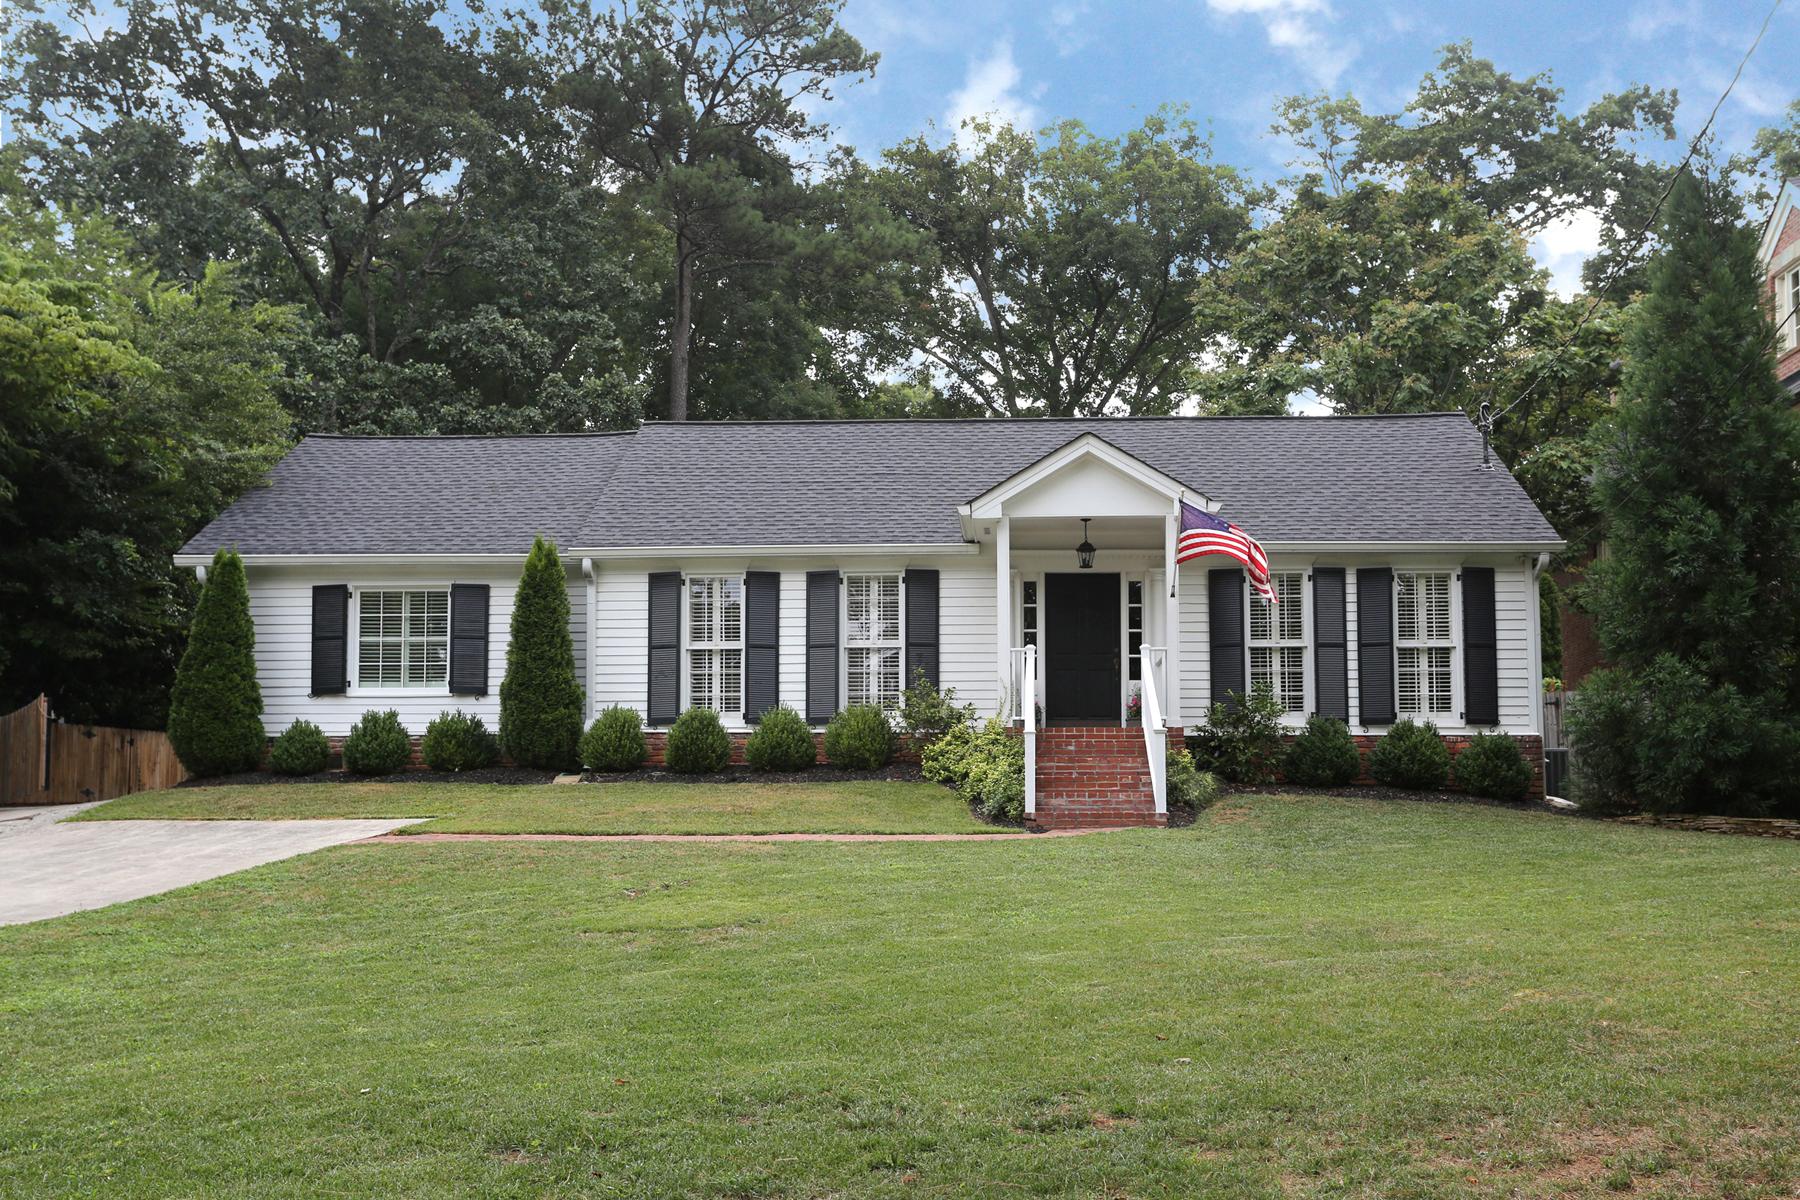 一戸建て のために 売買 アット Charming Total Renovation In Chastain Park 4691 E Conway Drive NW Chastain Park, Atlanta, ジョージア, 30327 アメリカ合衆国